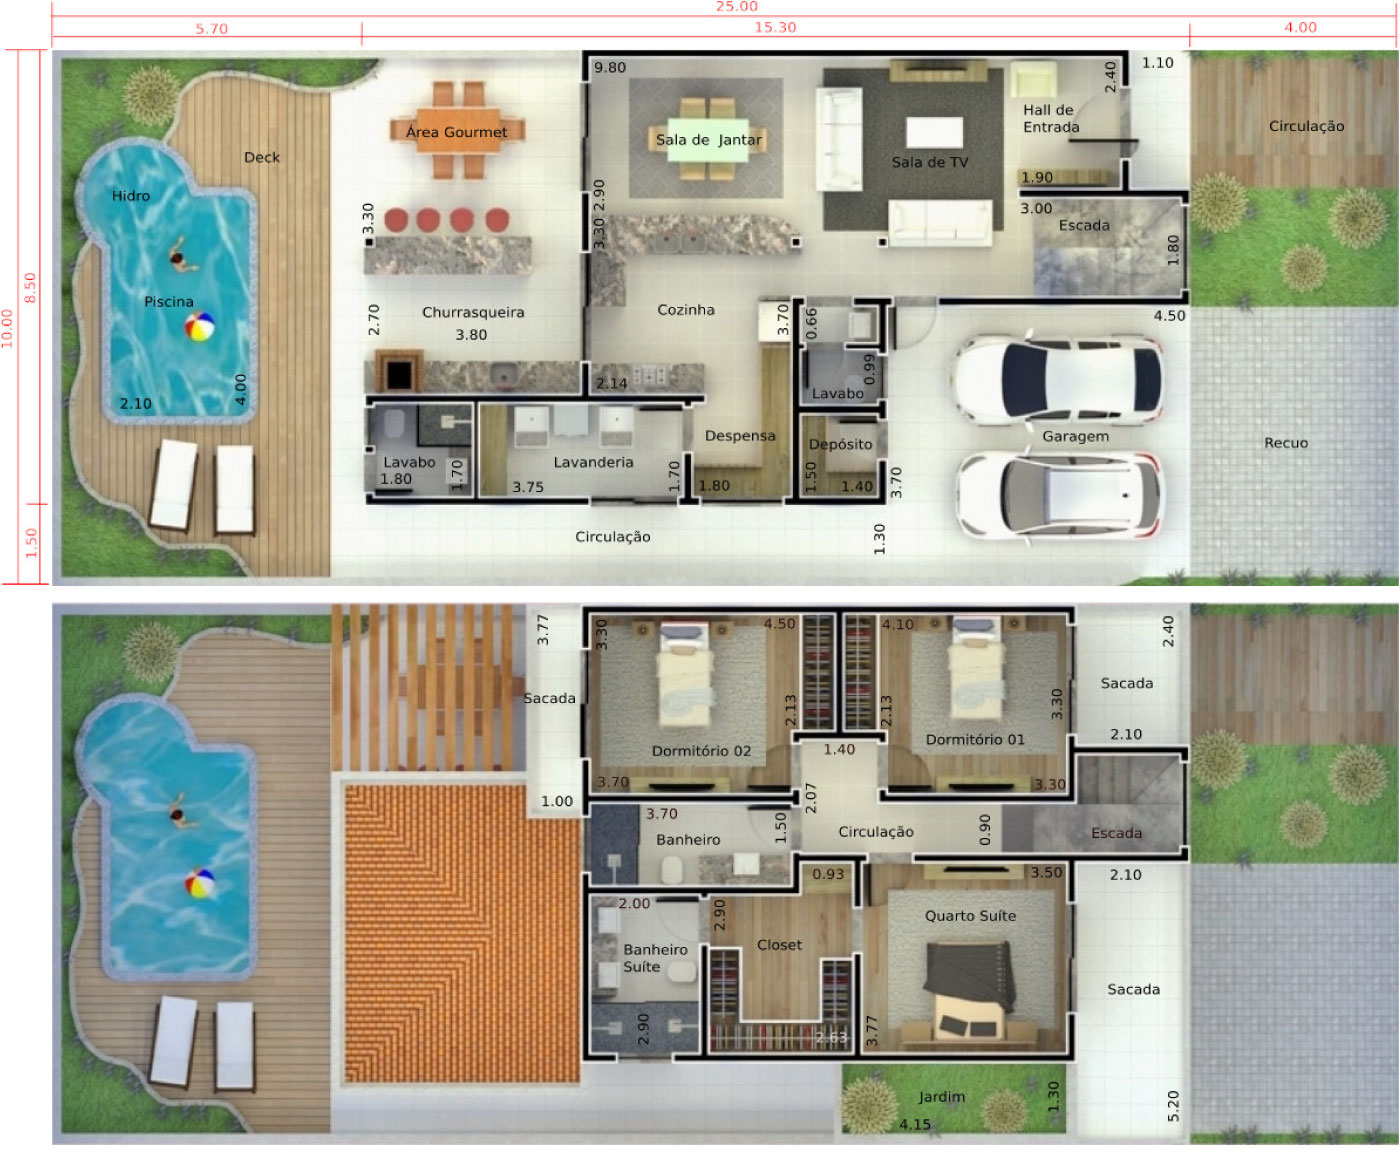 #2C919F Planta de sobrado com piscina e deck Projetos de Casas Modelos de  1470x1252 px Projeto De Sobrado Com Cozinha Americana_4875 Imagens